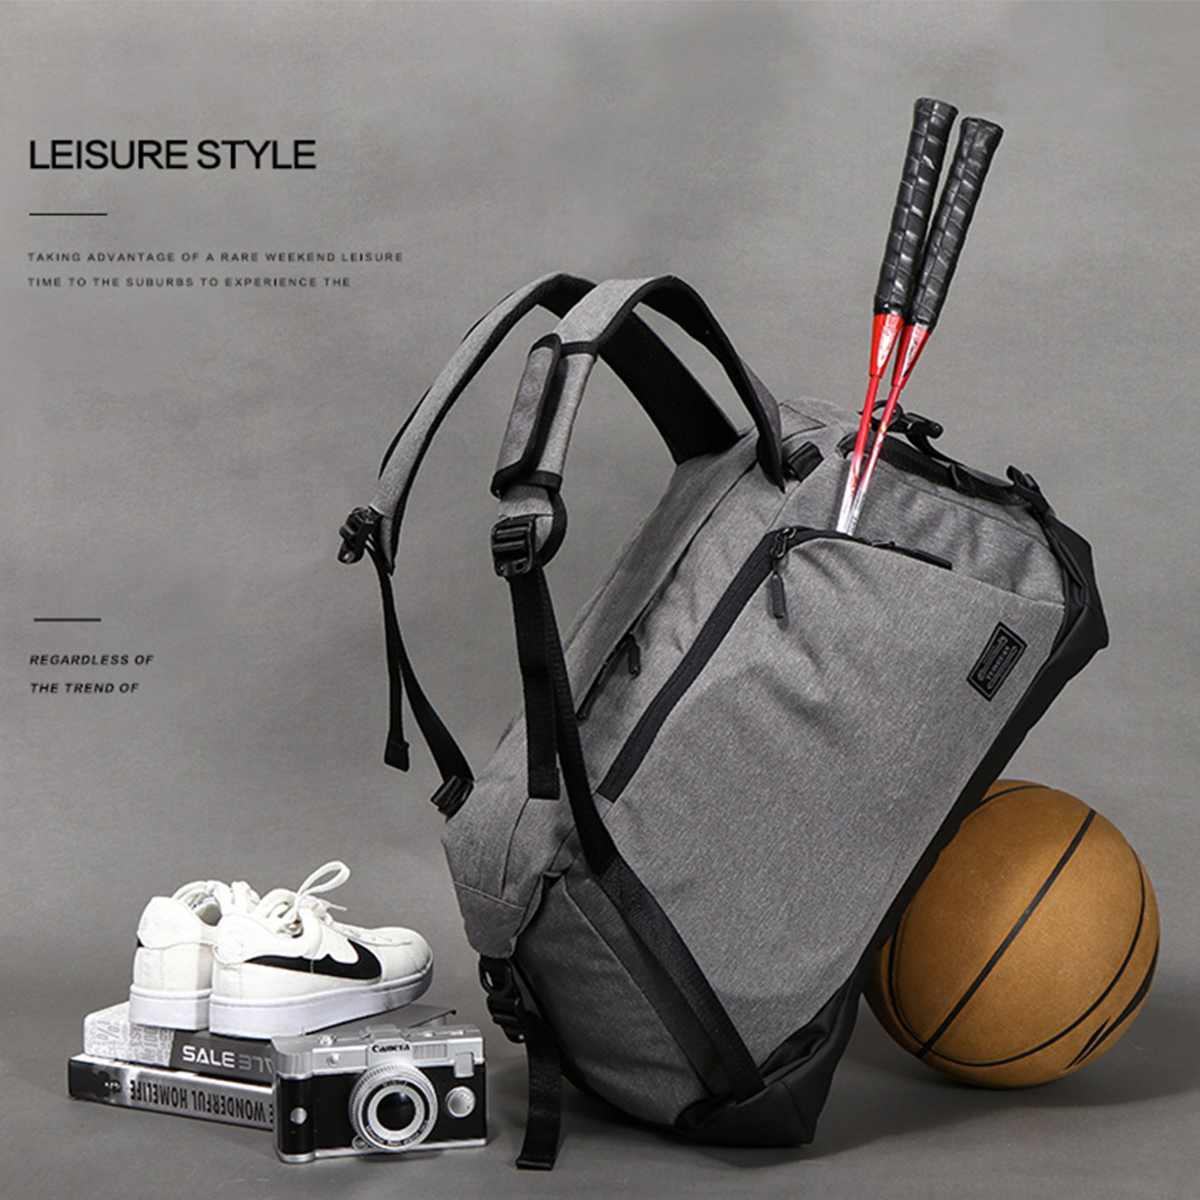 48L Sport sac de Sport hommes femmes bagages sac de voyage sacoche épaule sacs à main imperméable polochon sacs à dos Fitness Yoga sacs